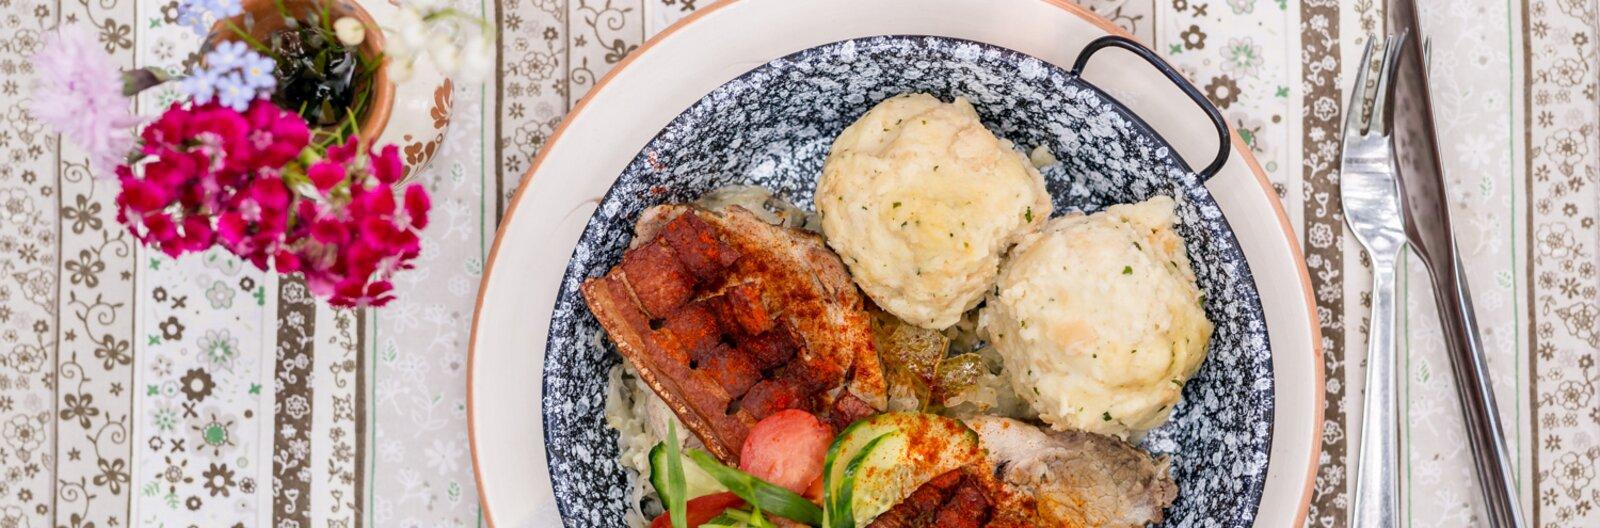 3 étterem Gödöllőn, ahol jót ehetsz, szép környezetben